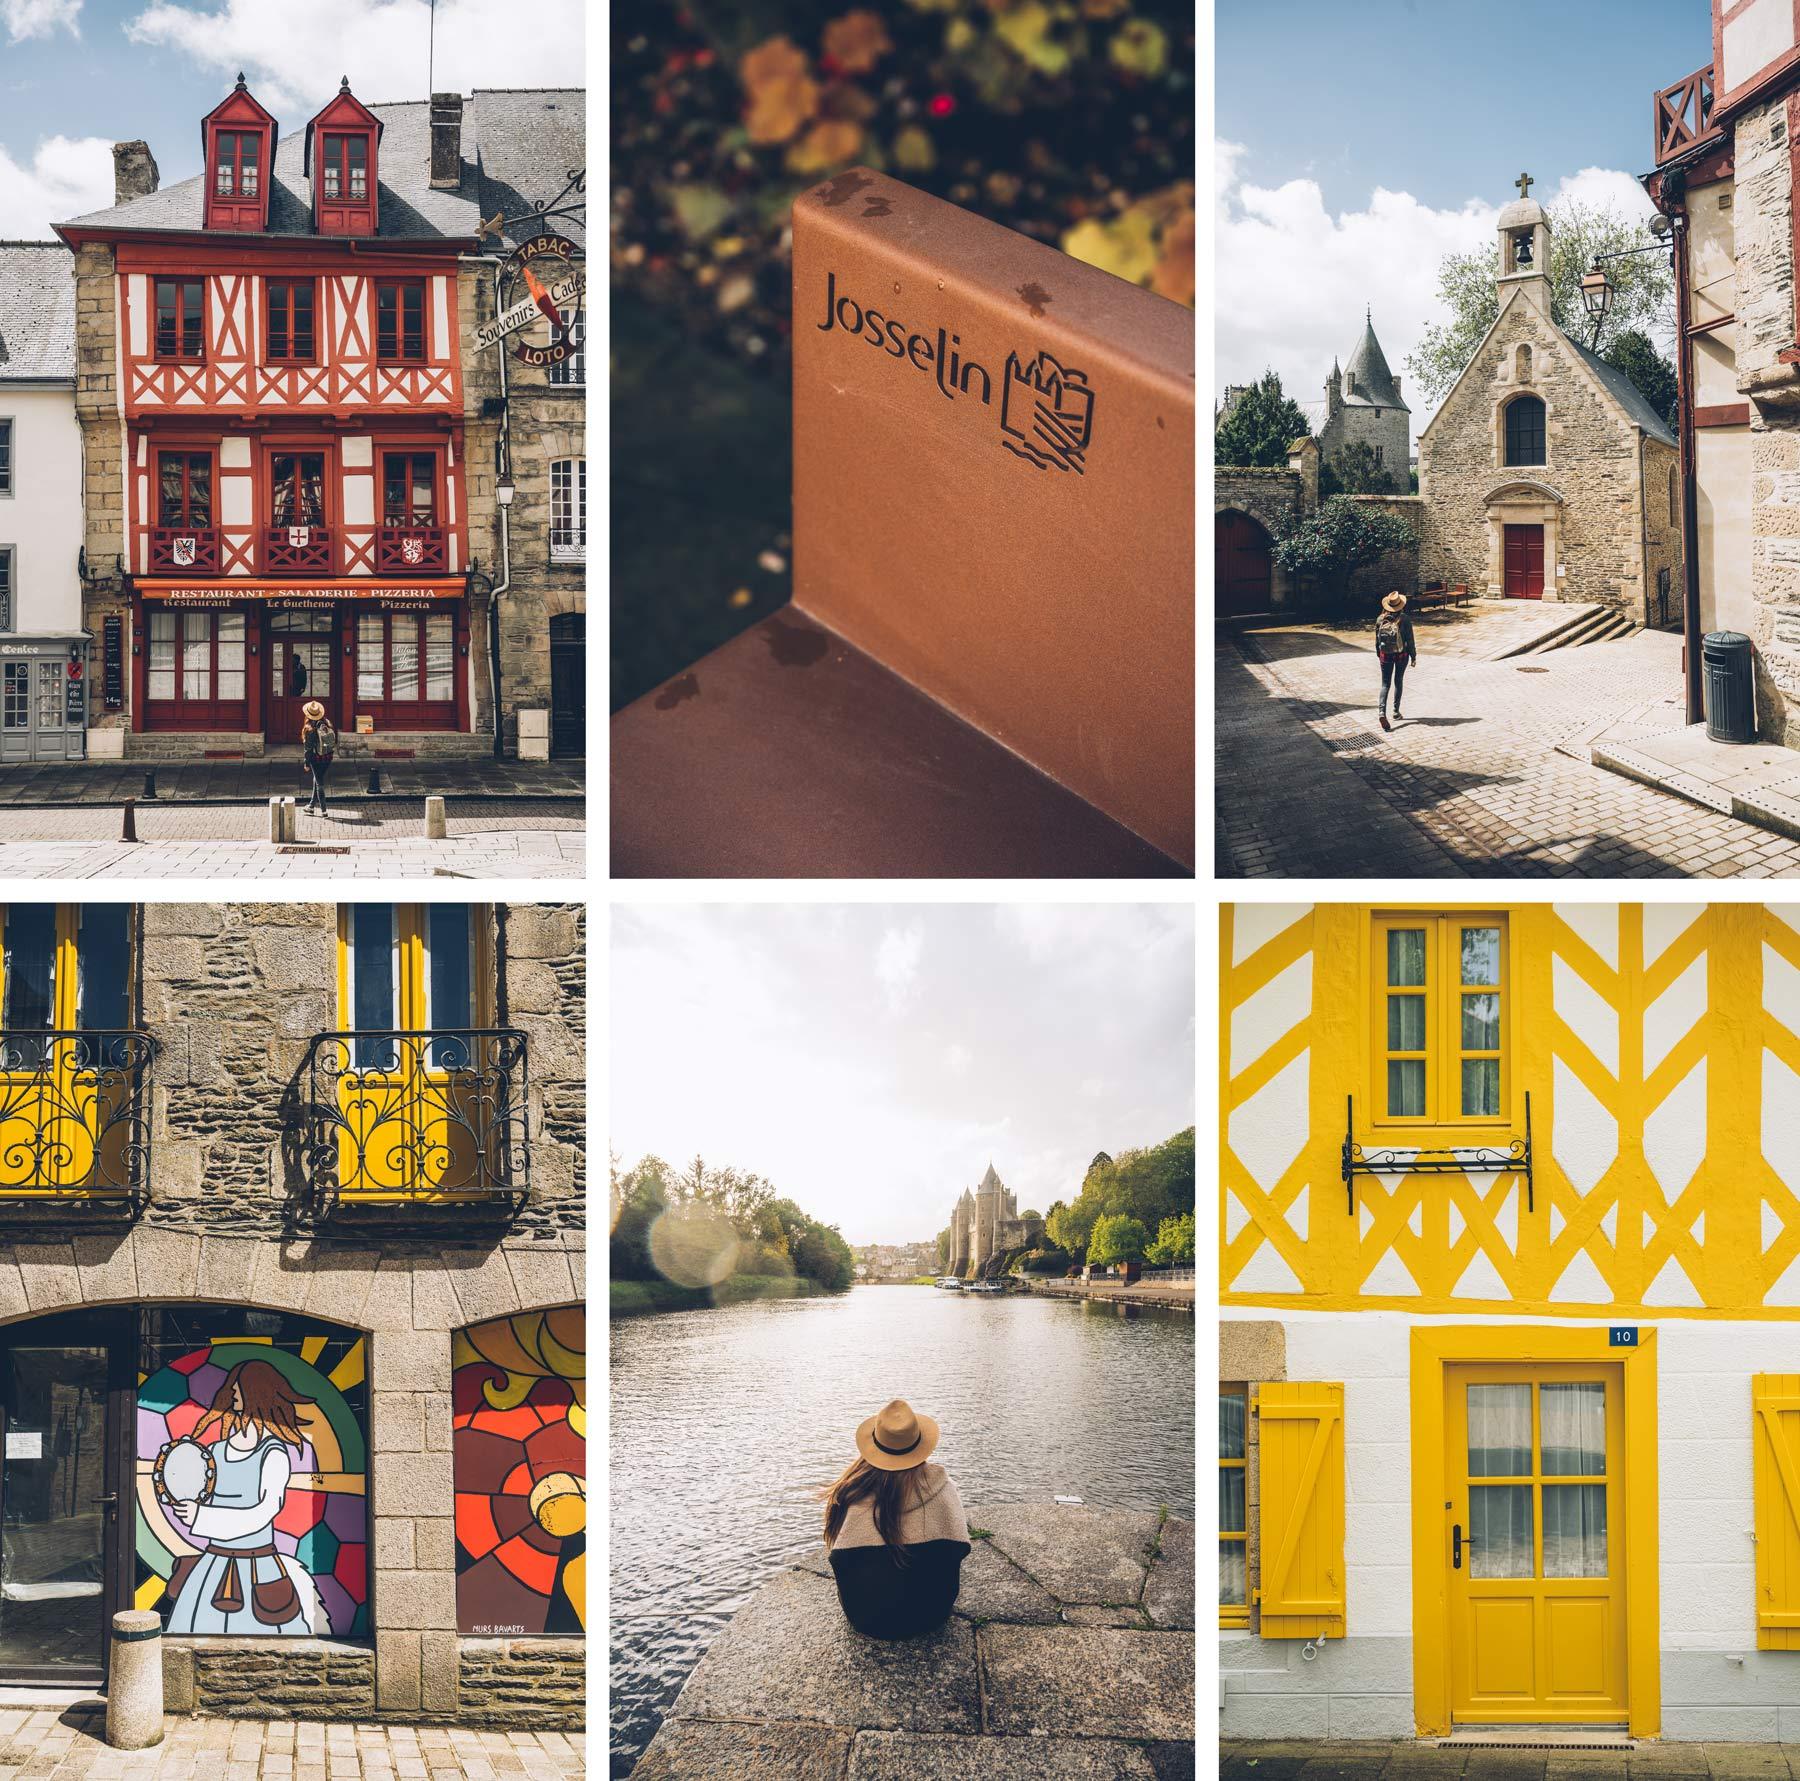 Josselin, Bretagne